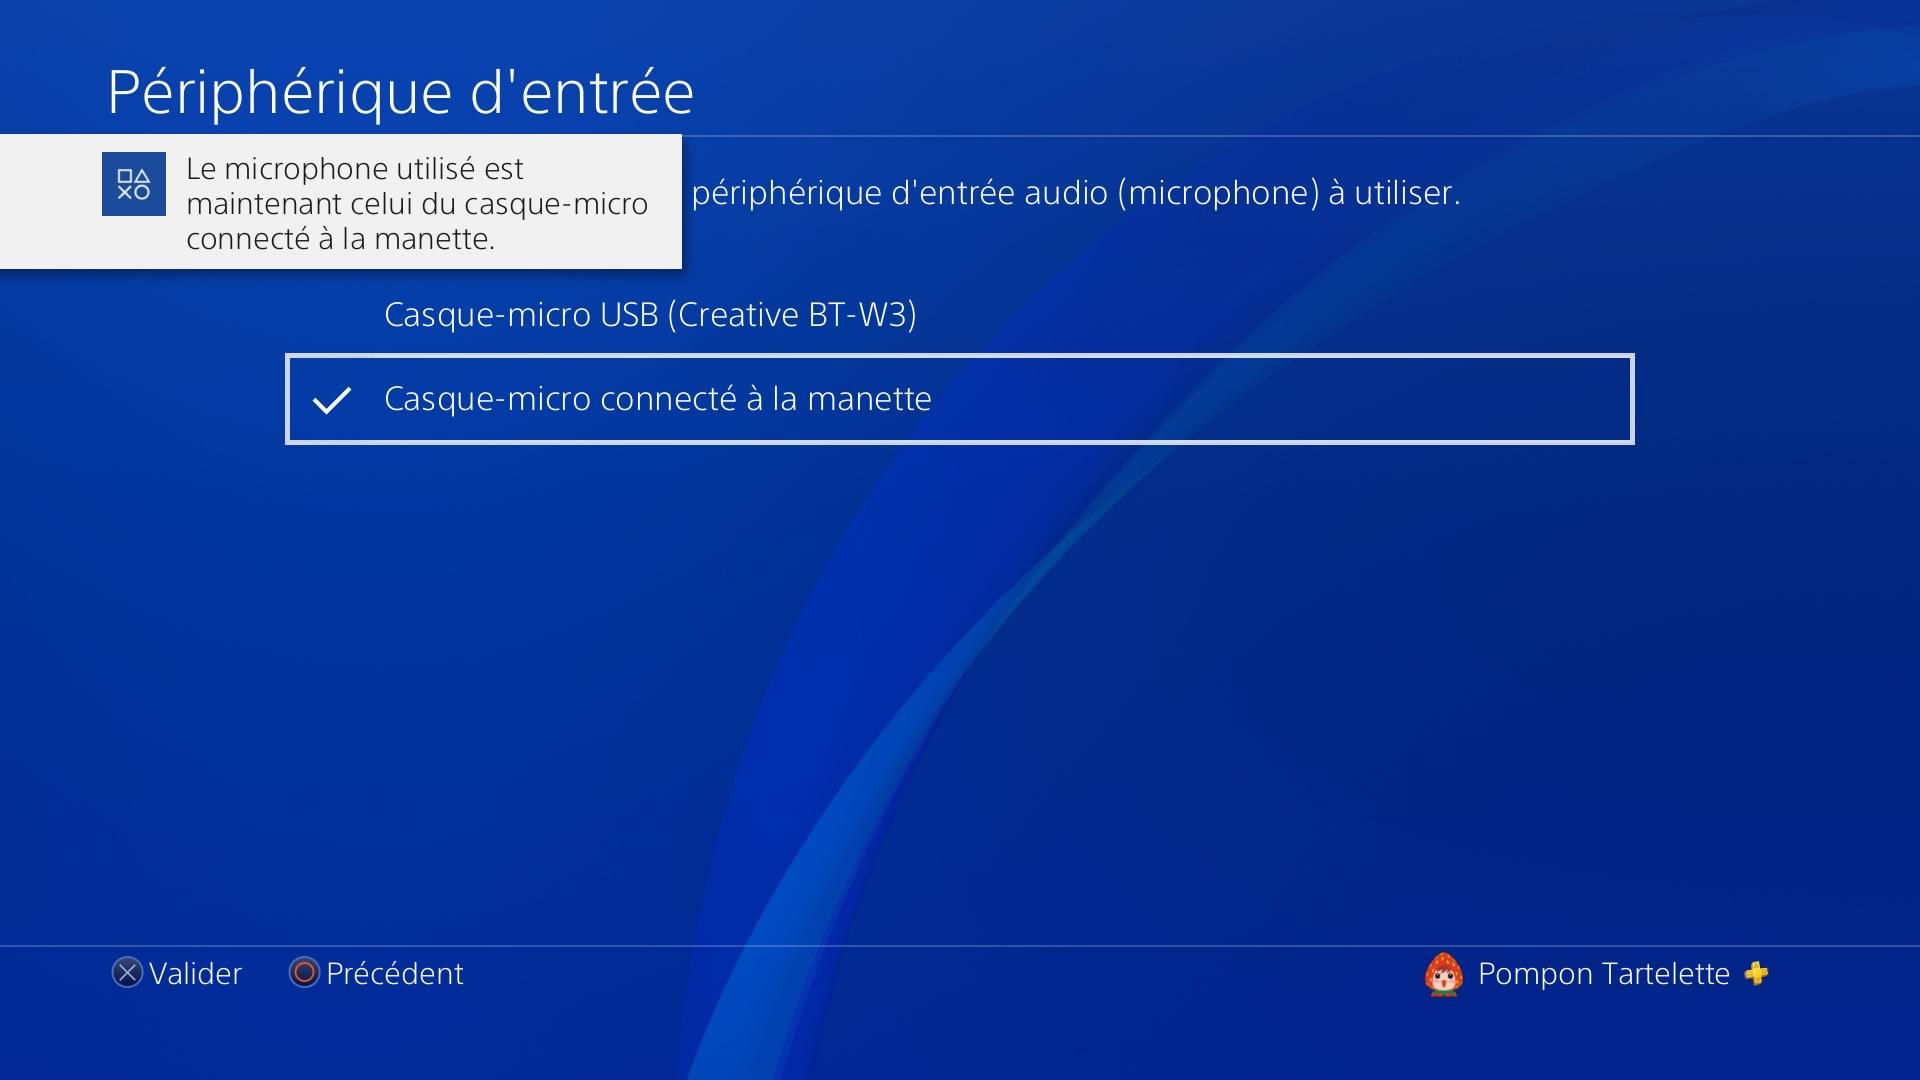 La PlayStation 4 permet de séparer entrée et sortie.